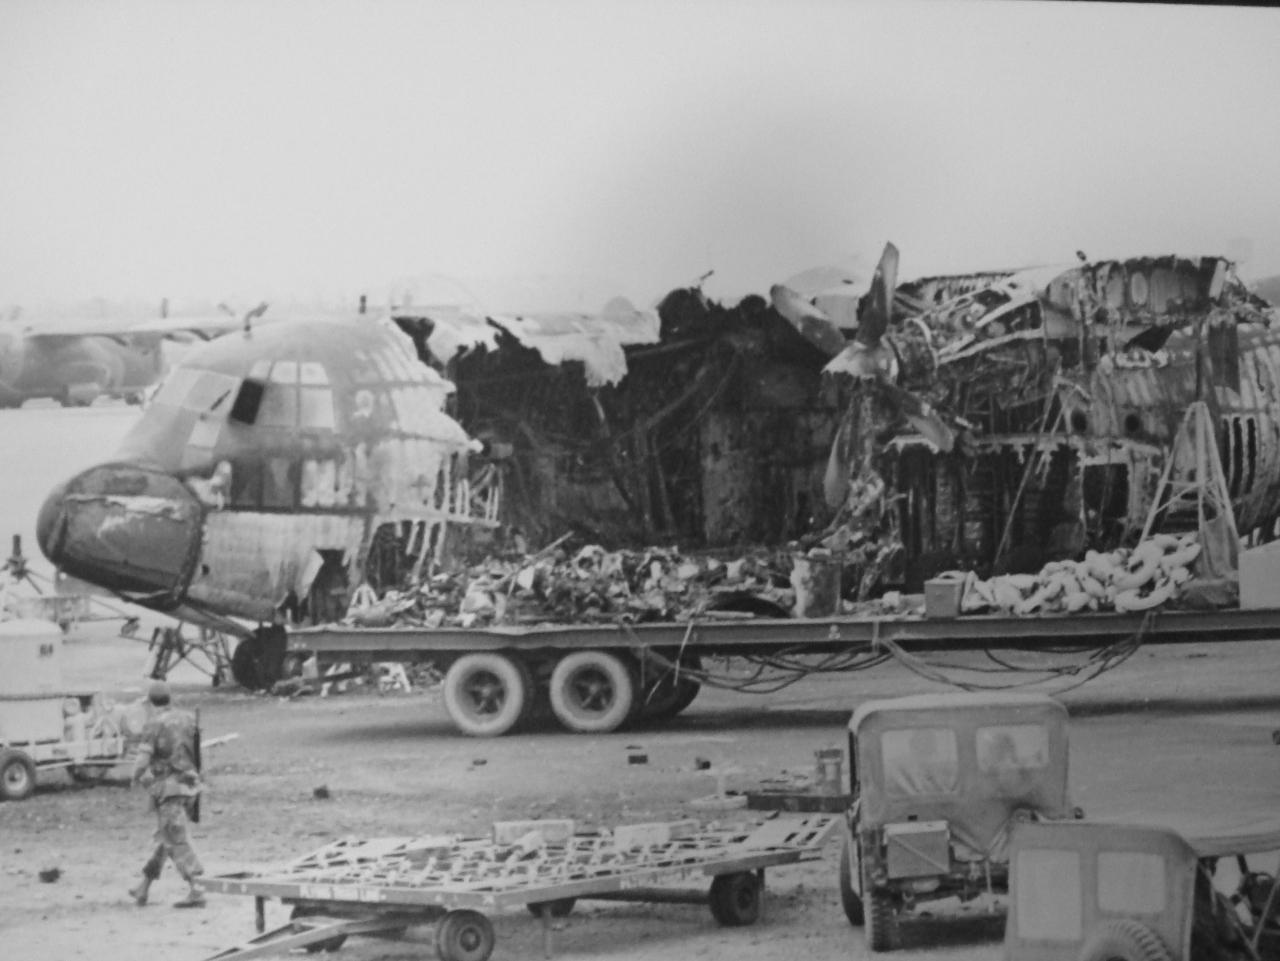 Военно-транспортный самолет Lockheed C-130B Hercules ВВС США, уничтоженный прямым попаданием реактивного снаряда на авиабазе Дананг 24.02.1971.